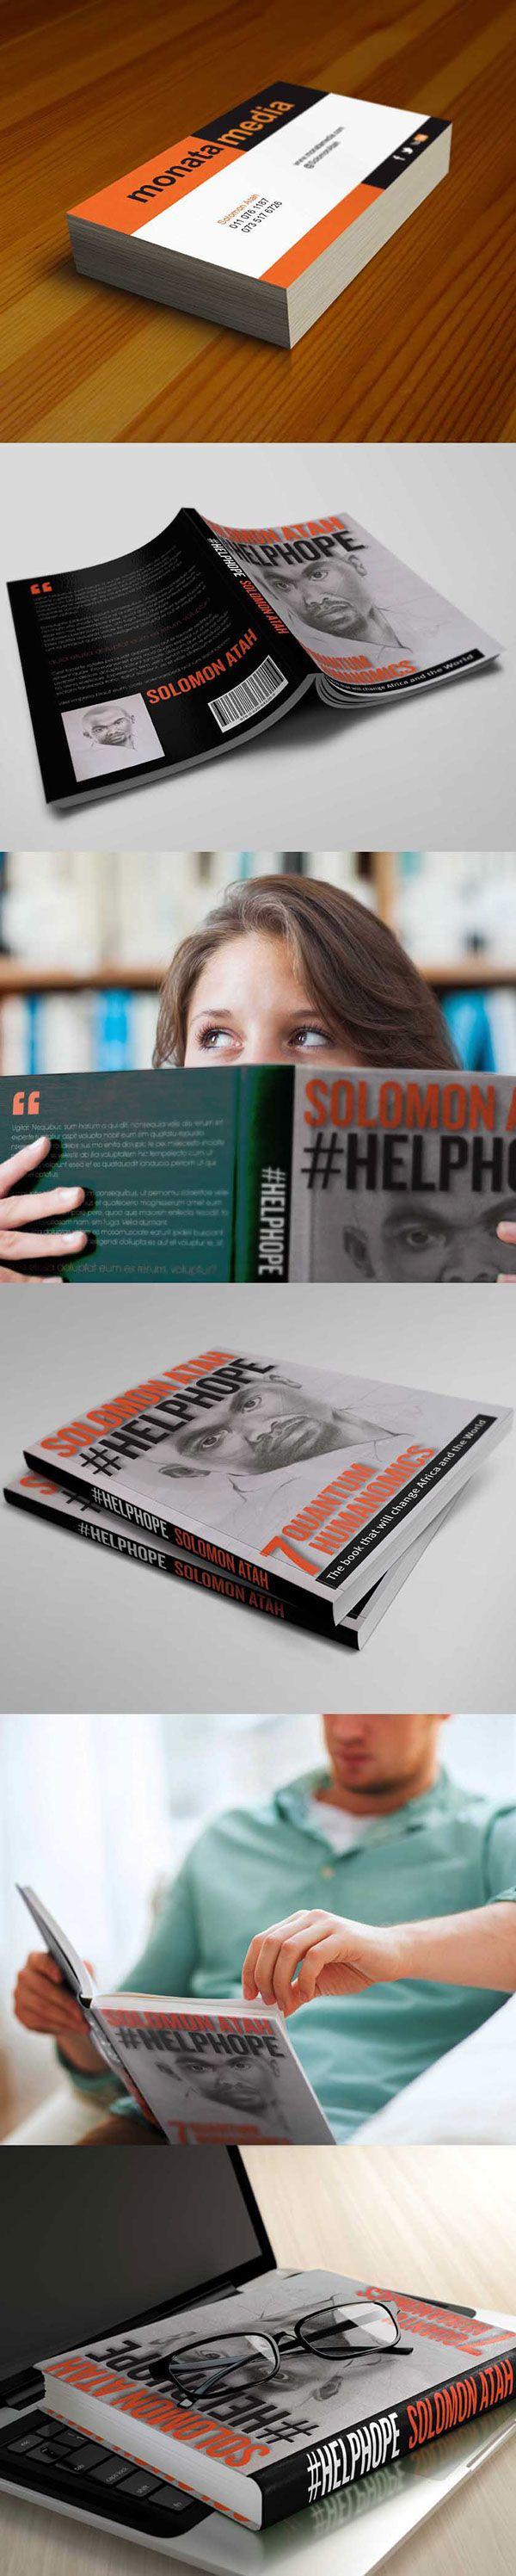 Solomon Atah | Book Cover on Behance